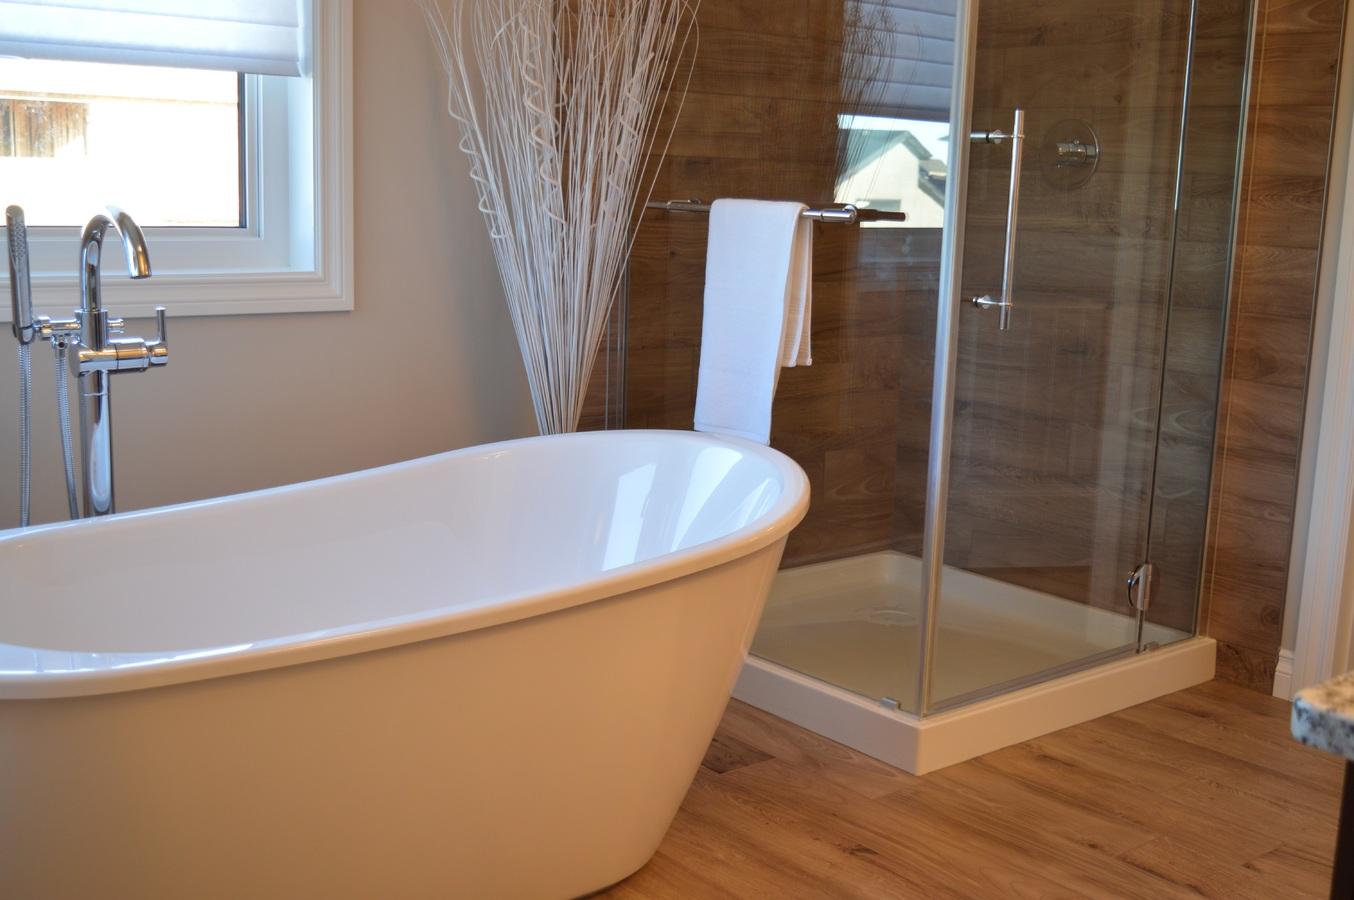 Decorer Sa Salle De Bain Soi Meme refaire sa salle de bain c'est simple - dentelles et ribambelles